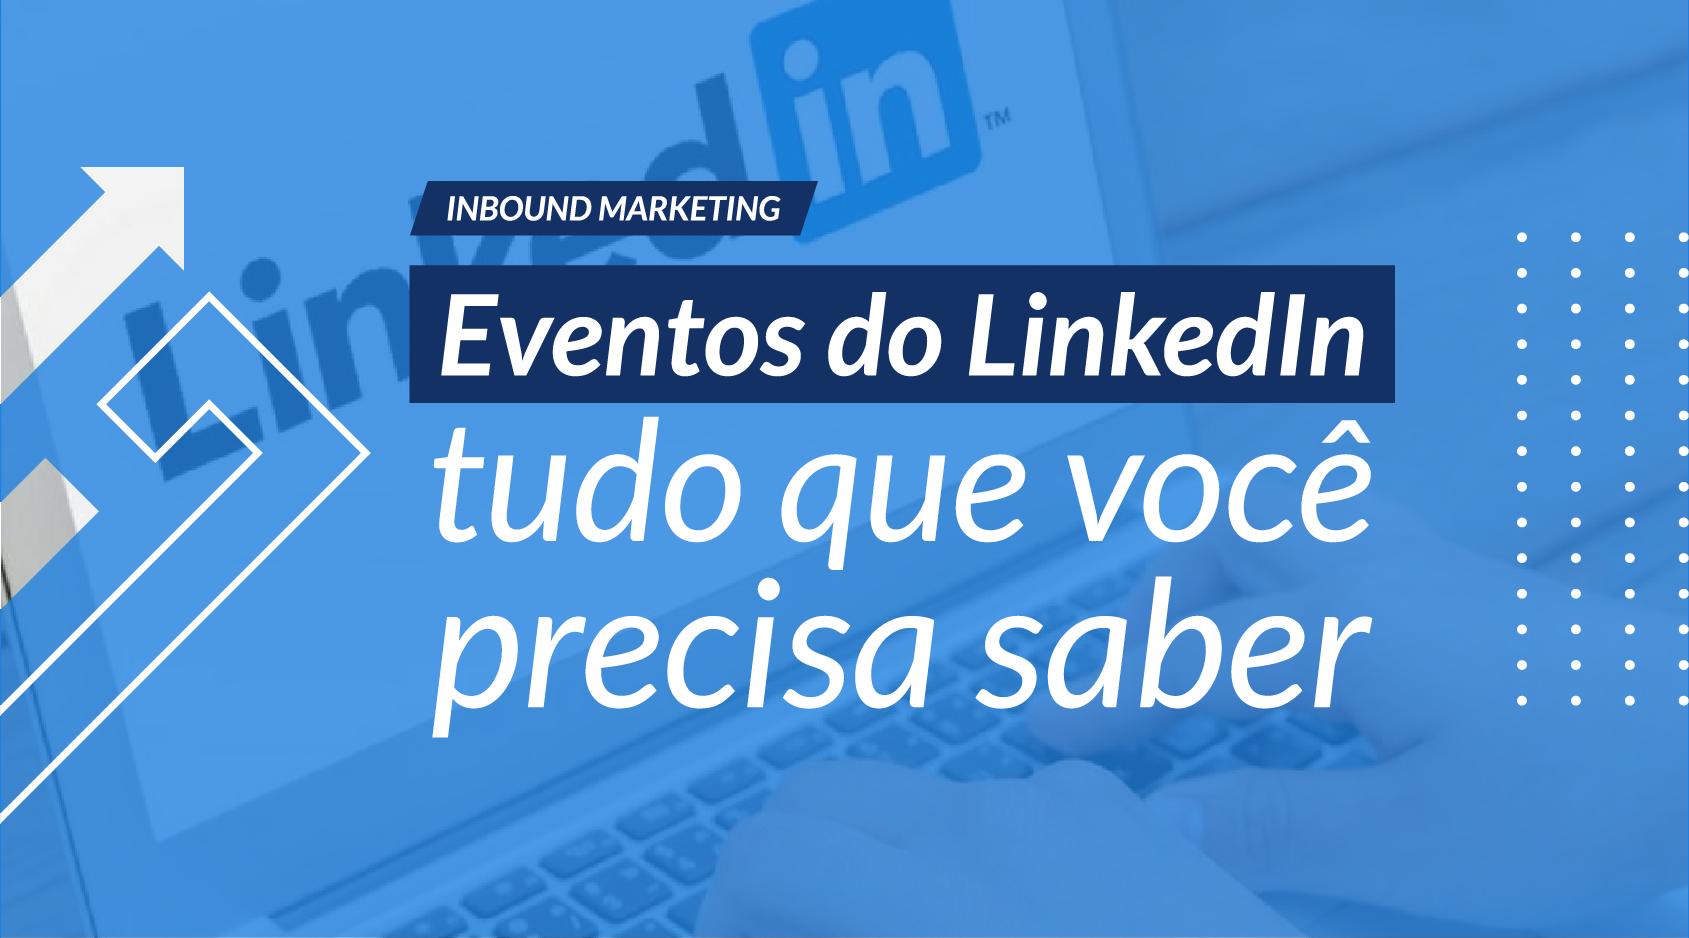 Eventos do LinkedIn: tudo que você precisa saber